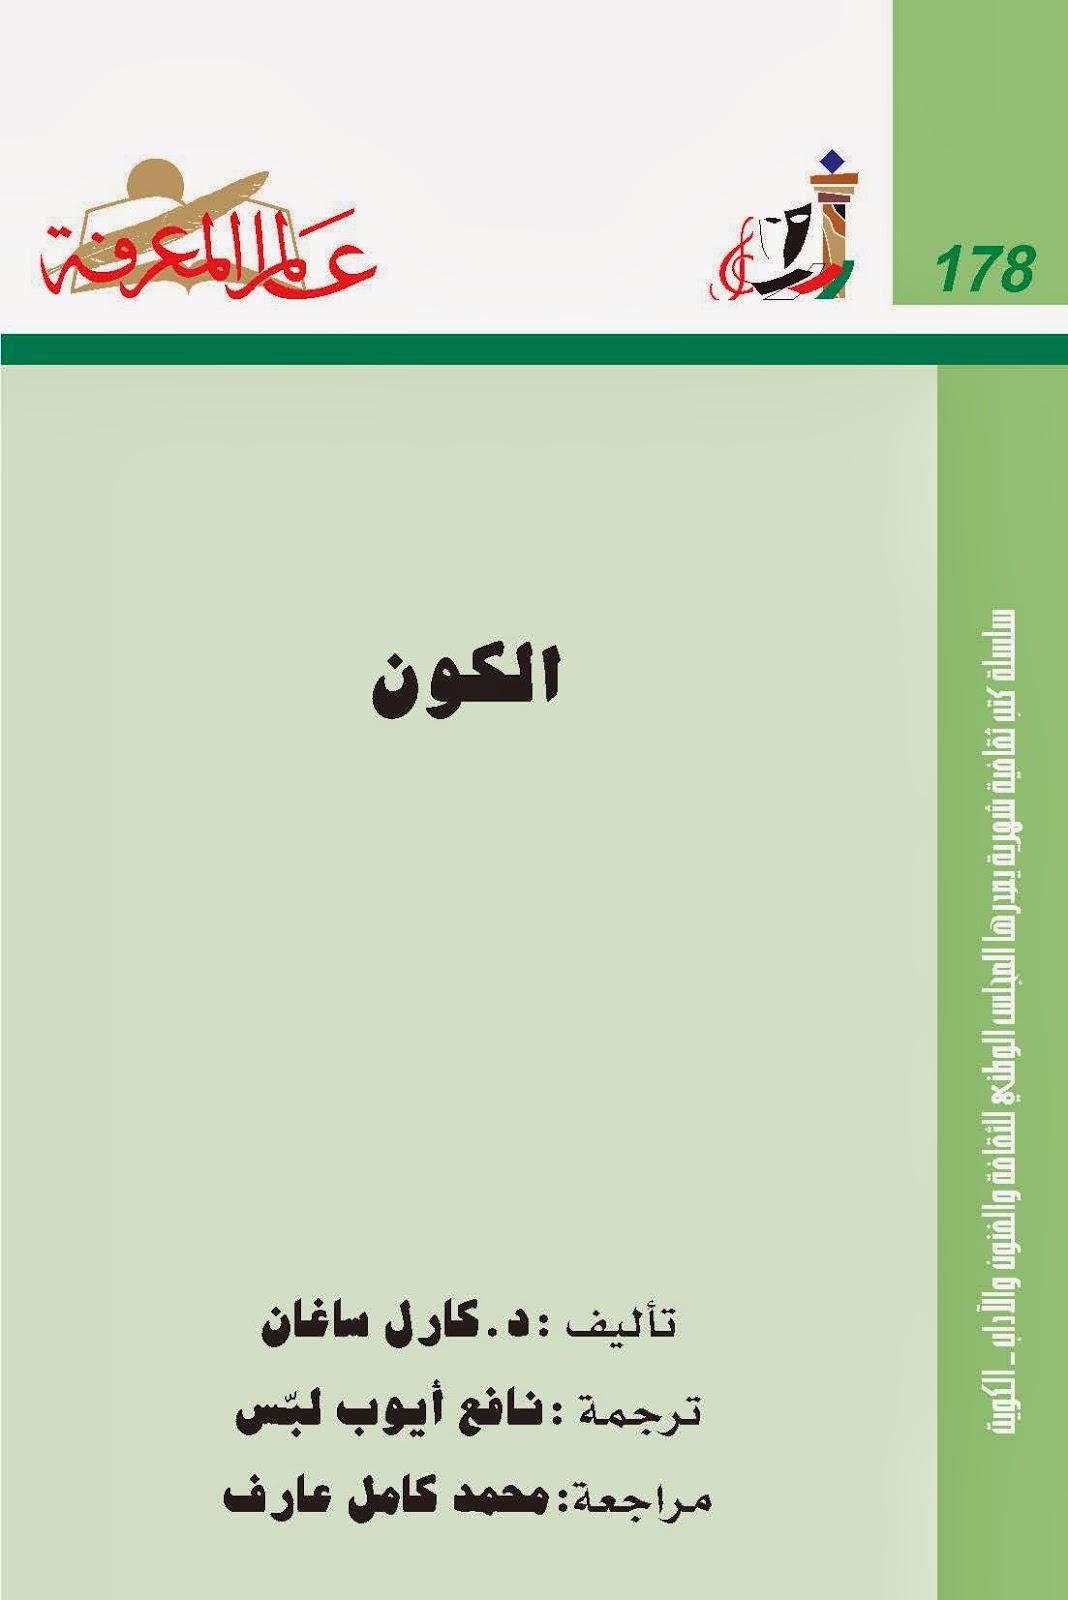 الكون - تأليف د. كارل ساغان pdf